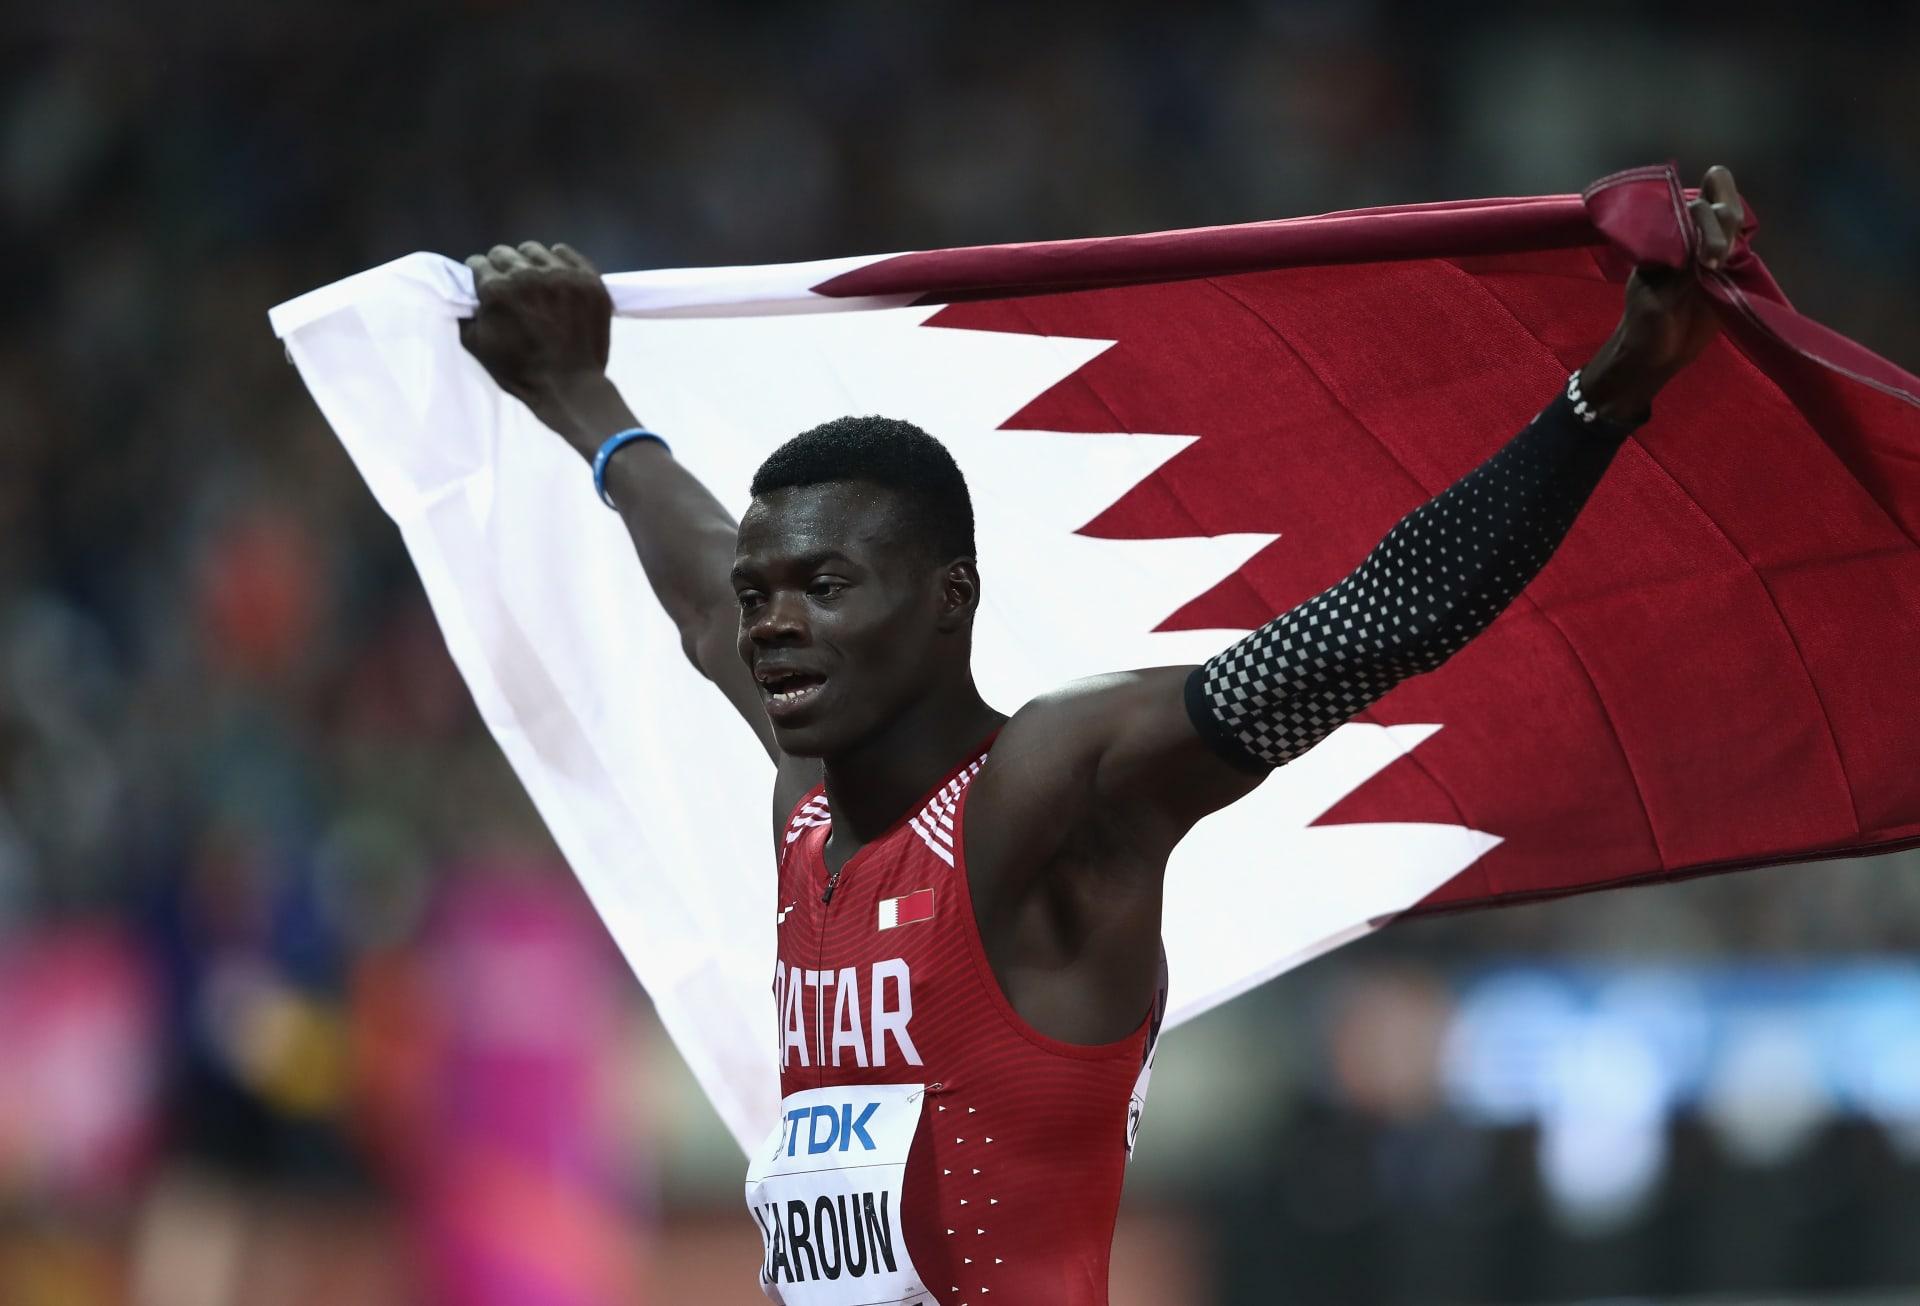 عمره 24 عاما.. وفاة العداء القطري عبدالإله هارون صاحب برونزية العالم 400 متر